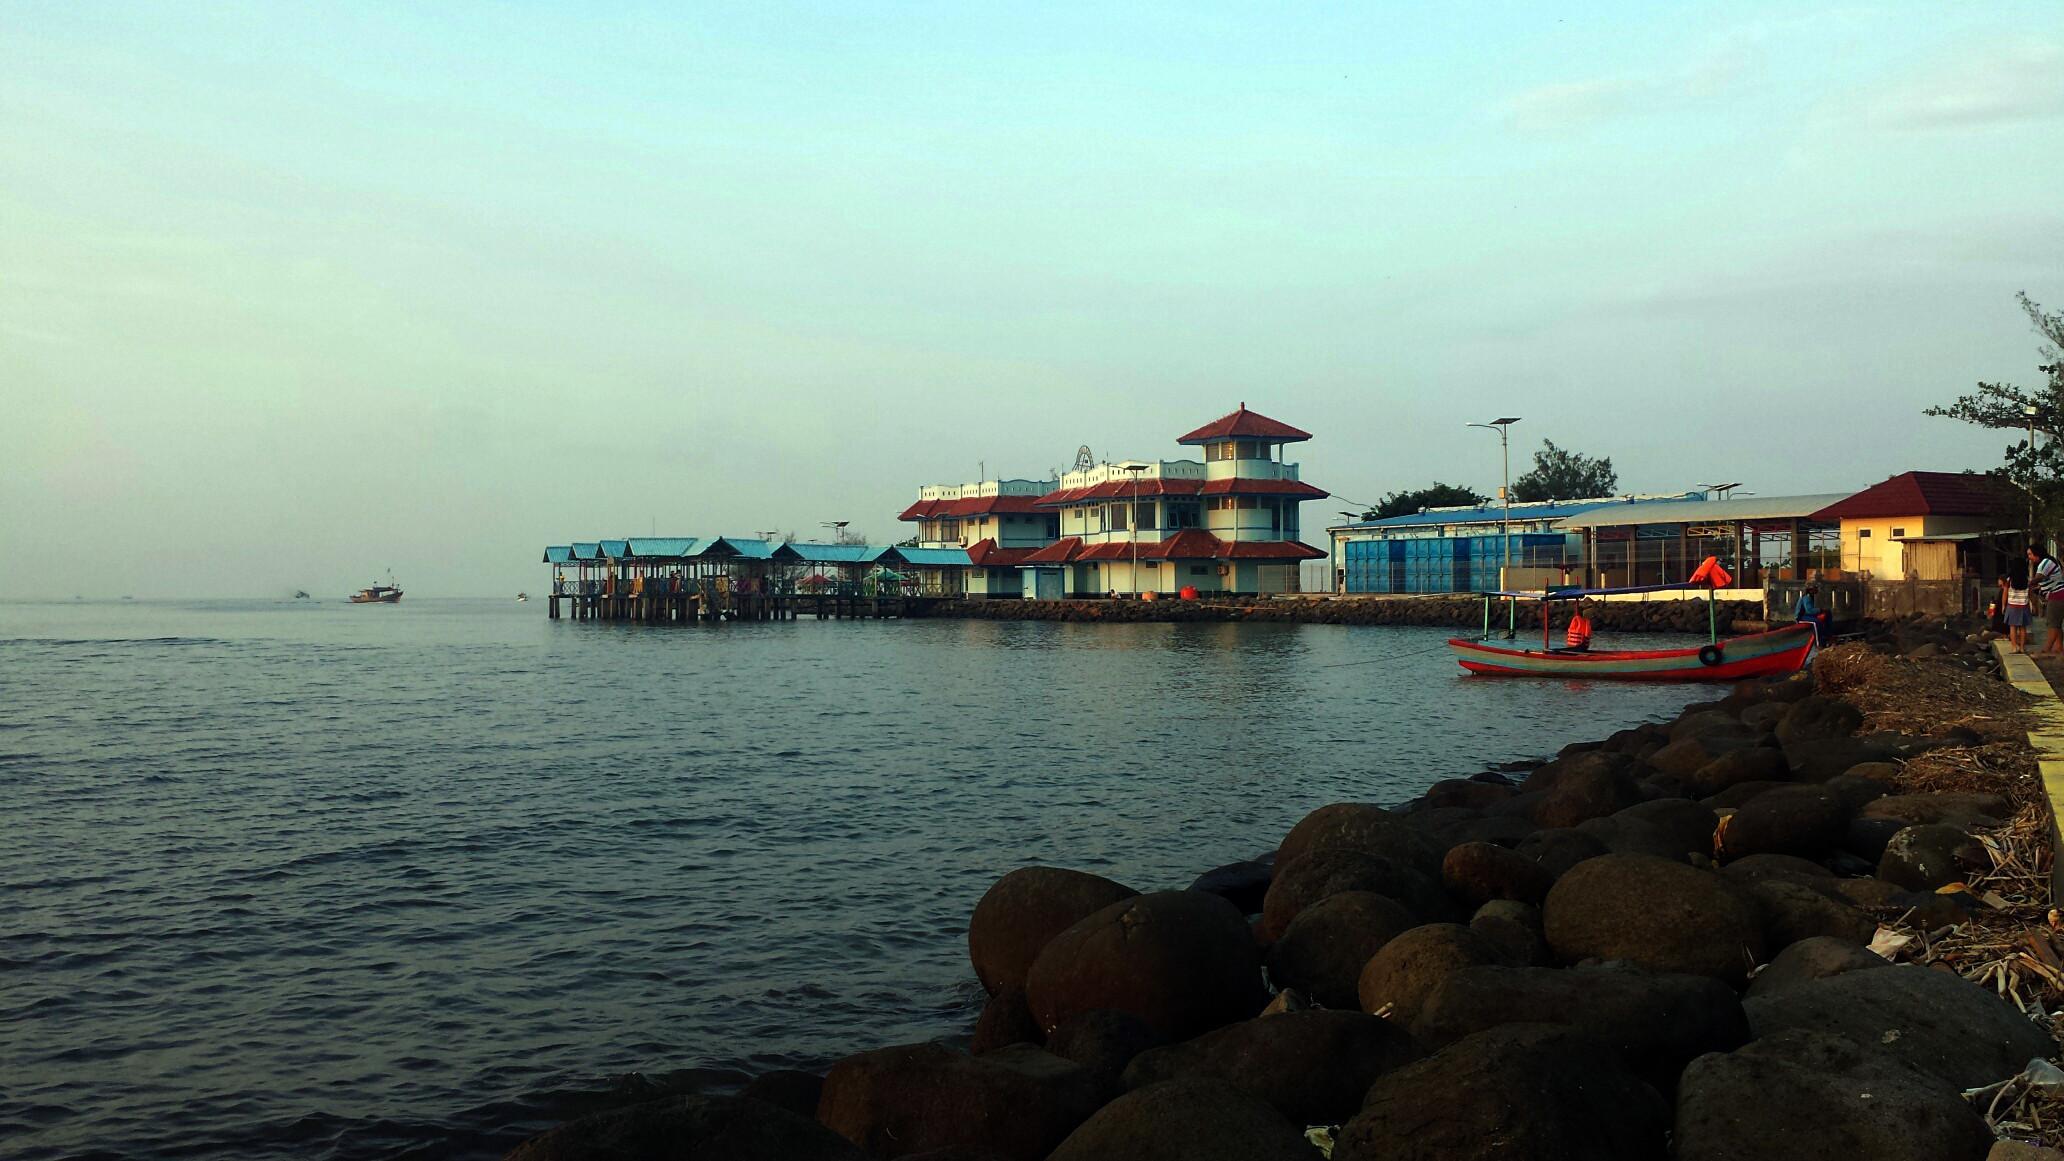 Suasana senja di tempat pelelangan ikan, Pelabuhan Perikanan Nusantara, Pekalongan, Jawa Tengah. (Liputan6.com/Fajar Eko Nugroho)